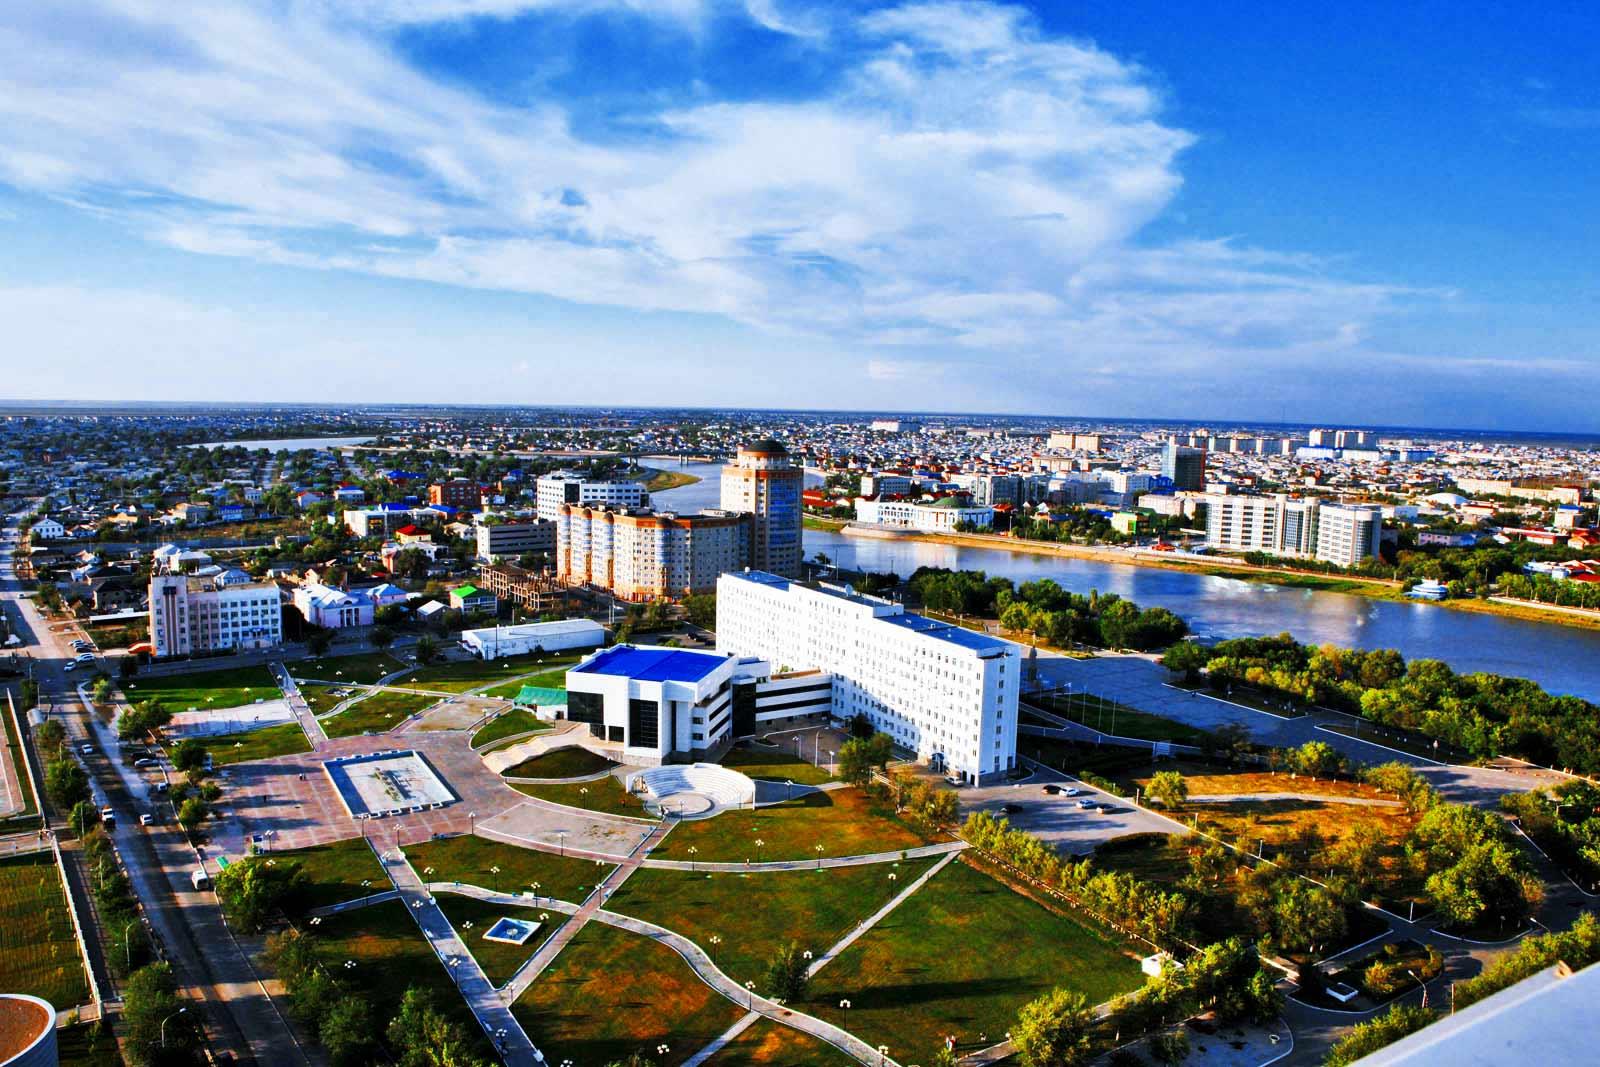 картинки города атырау в казахстане снимающий новорожденных